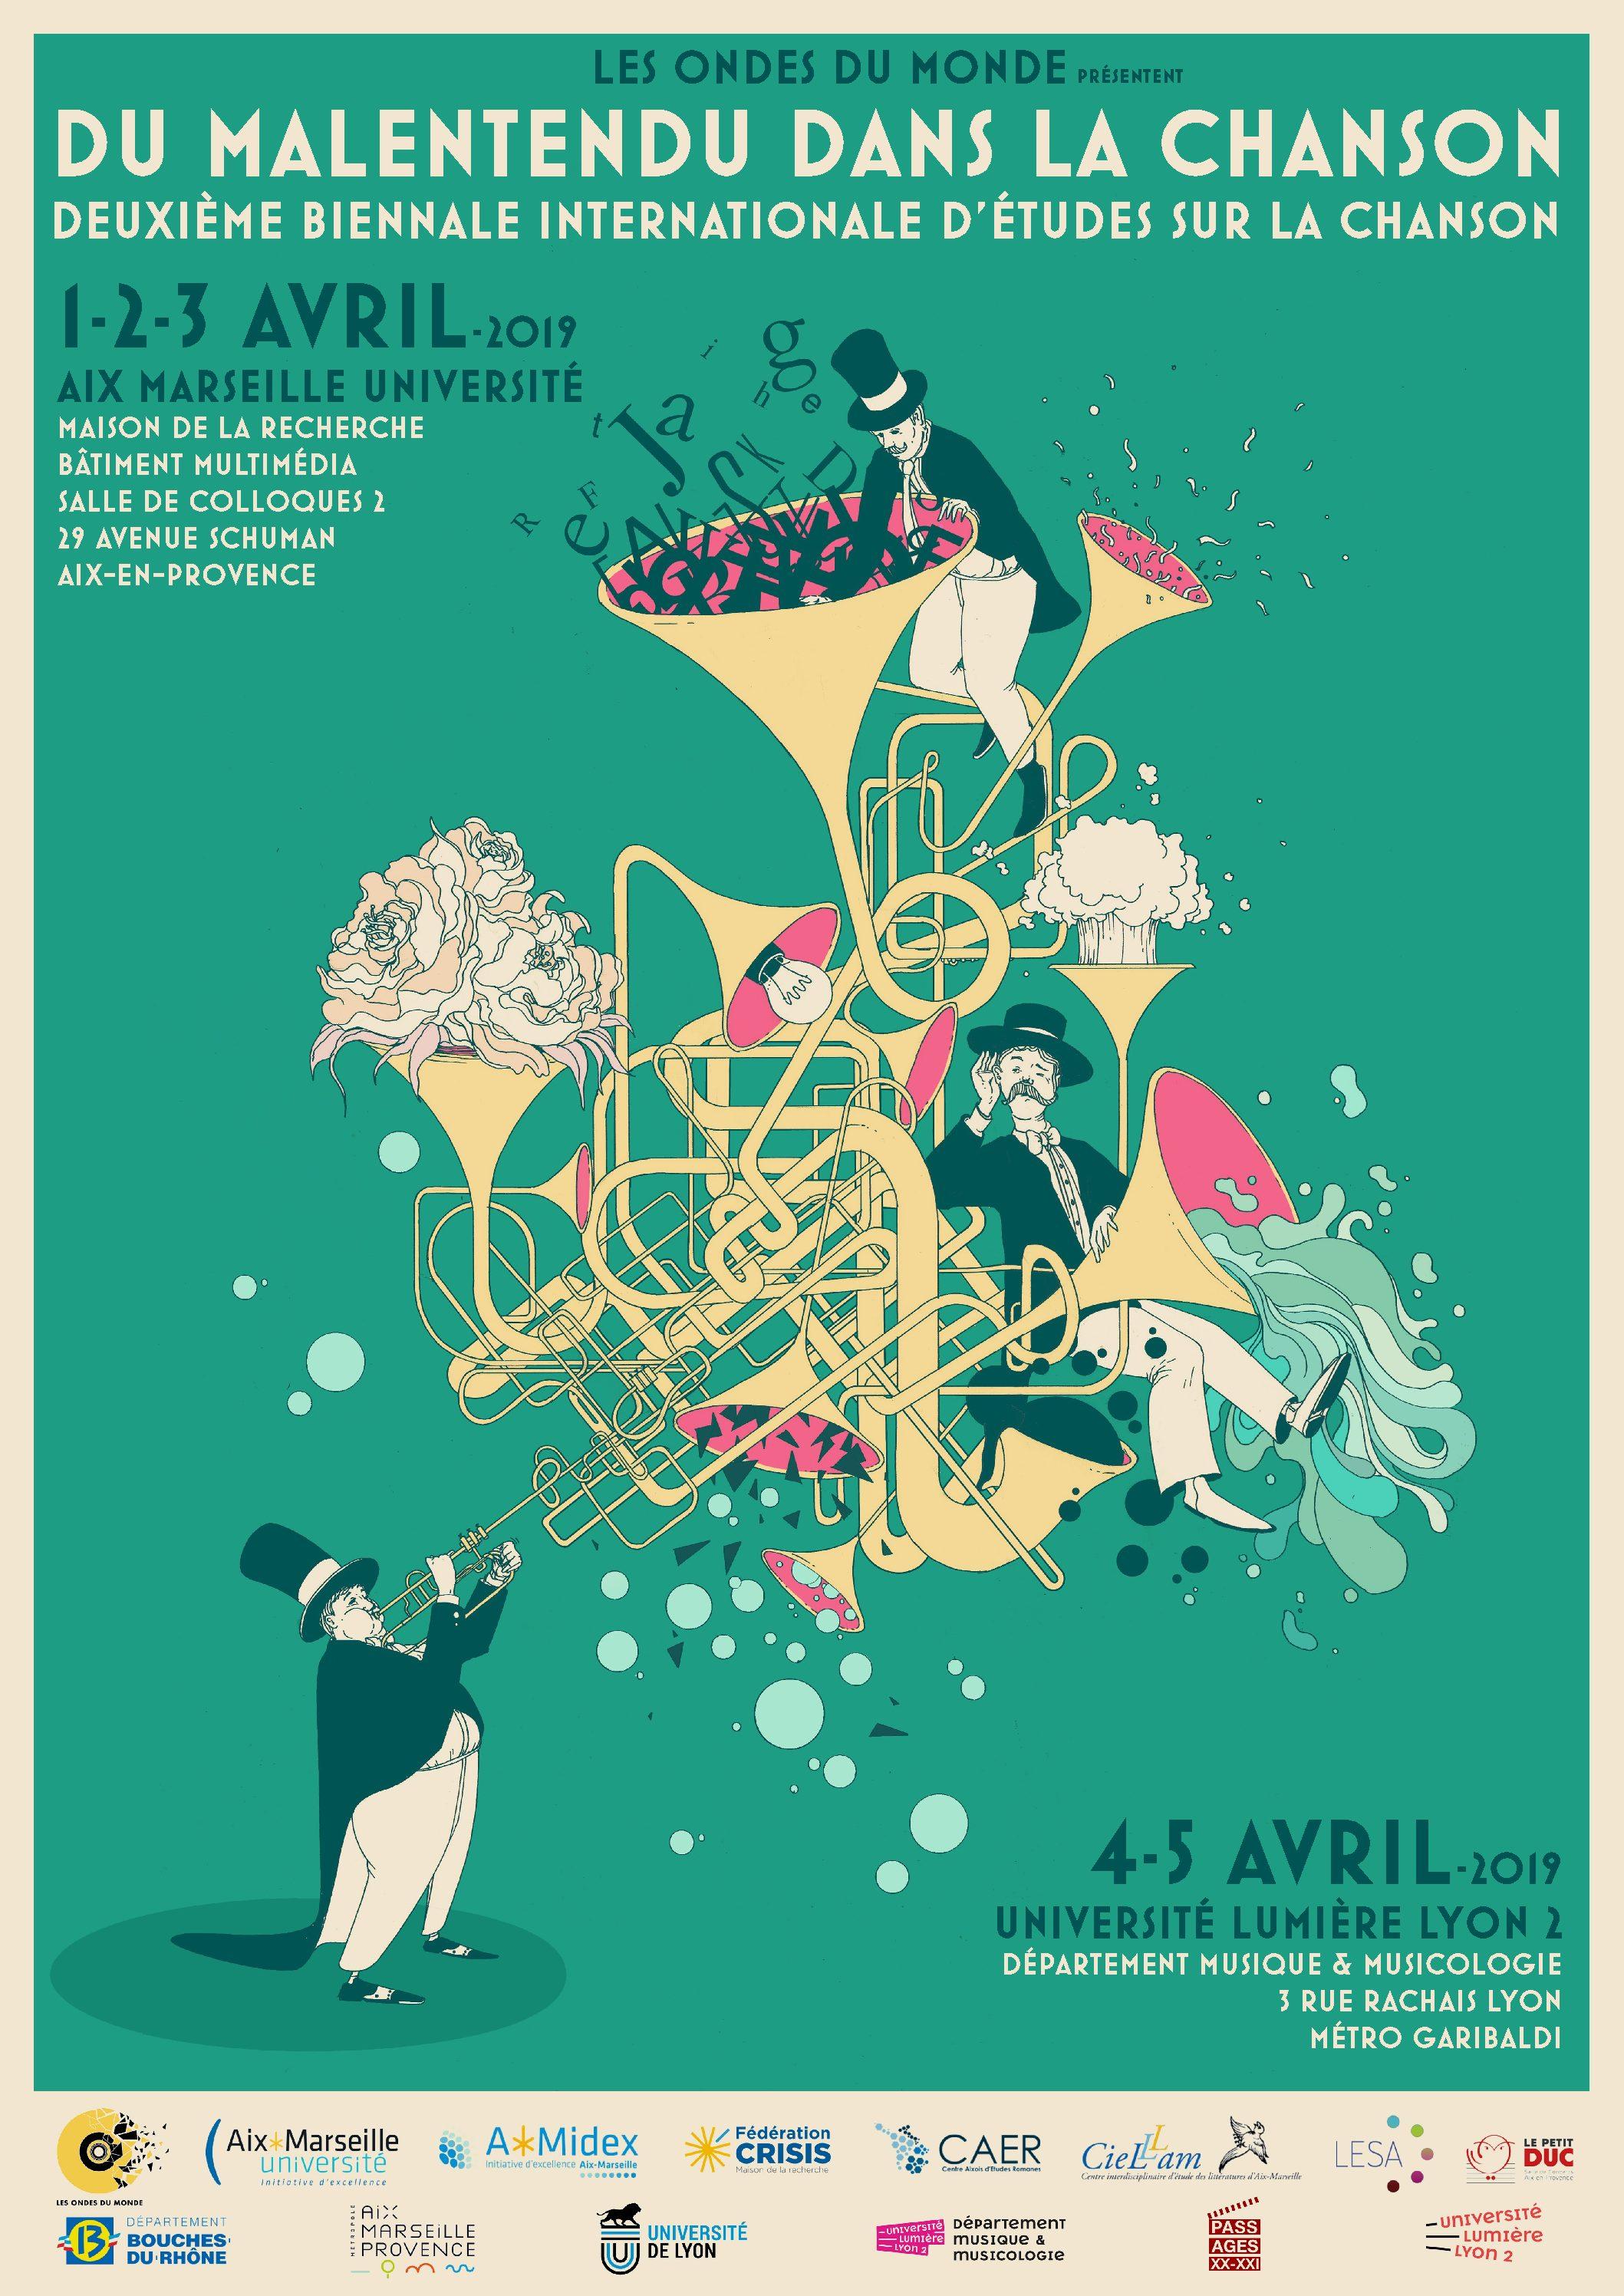 2e Biennale internationale d'études sur la chanson : Du malentendu dans la chanson